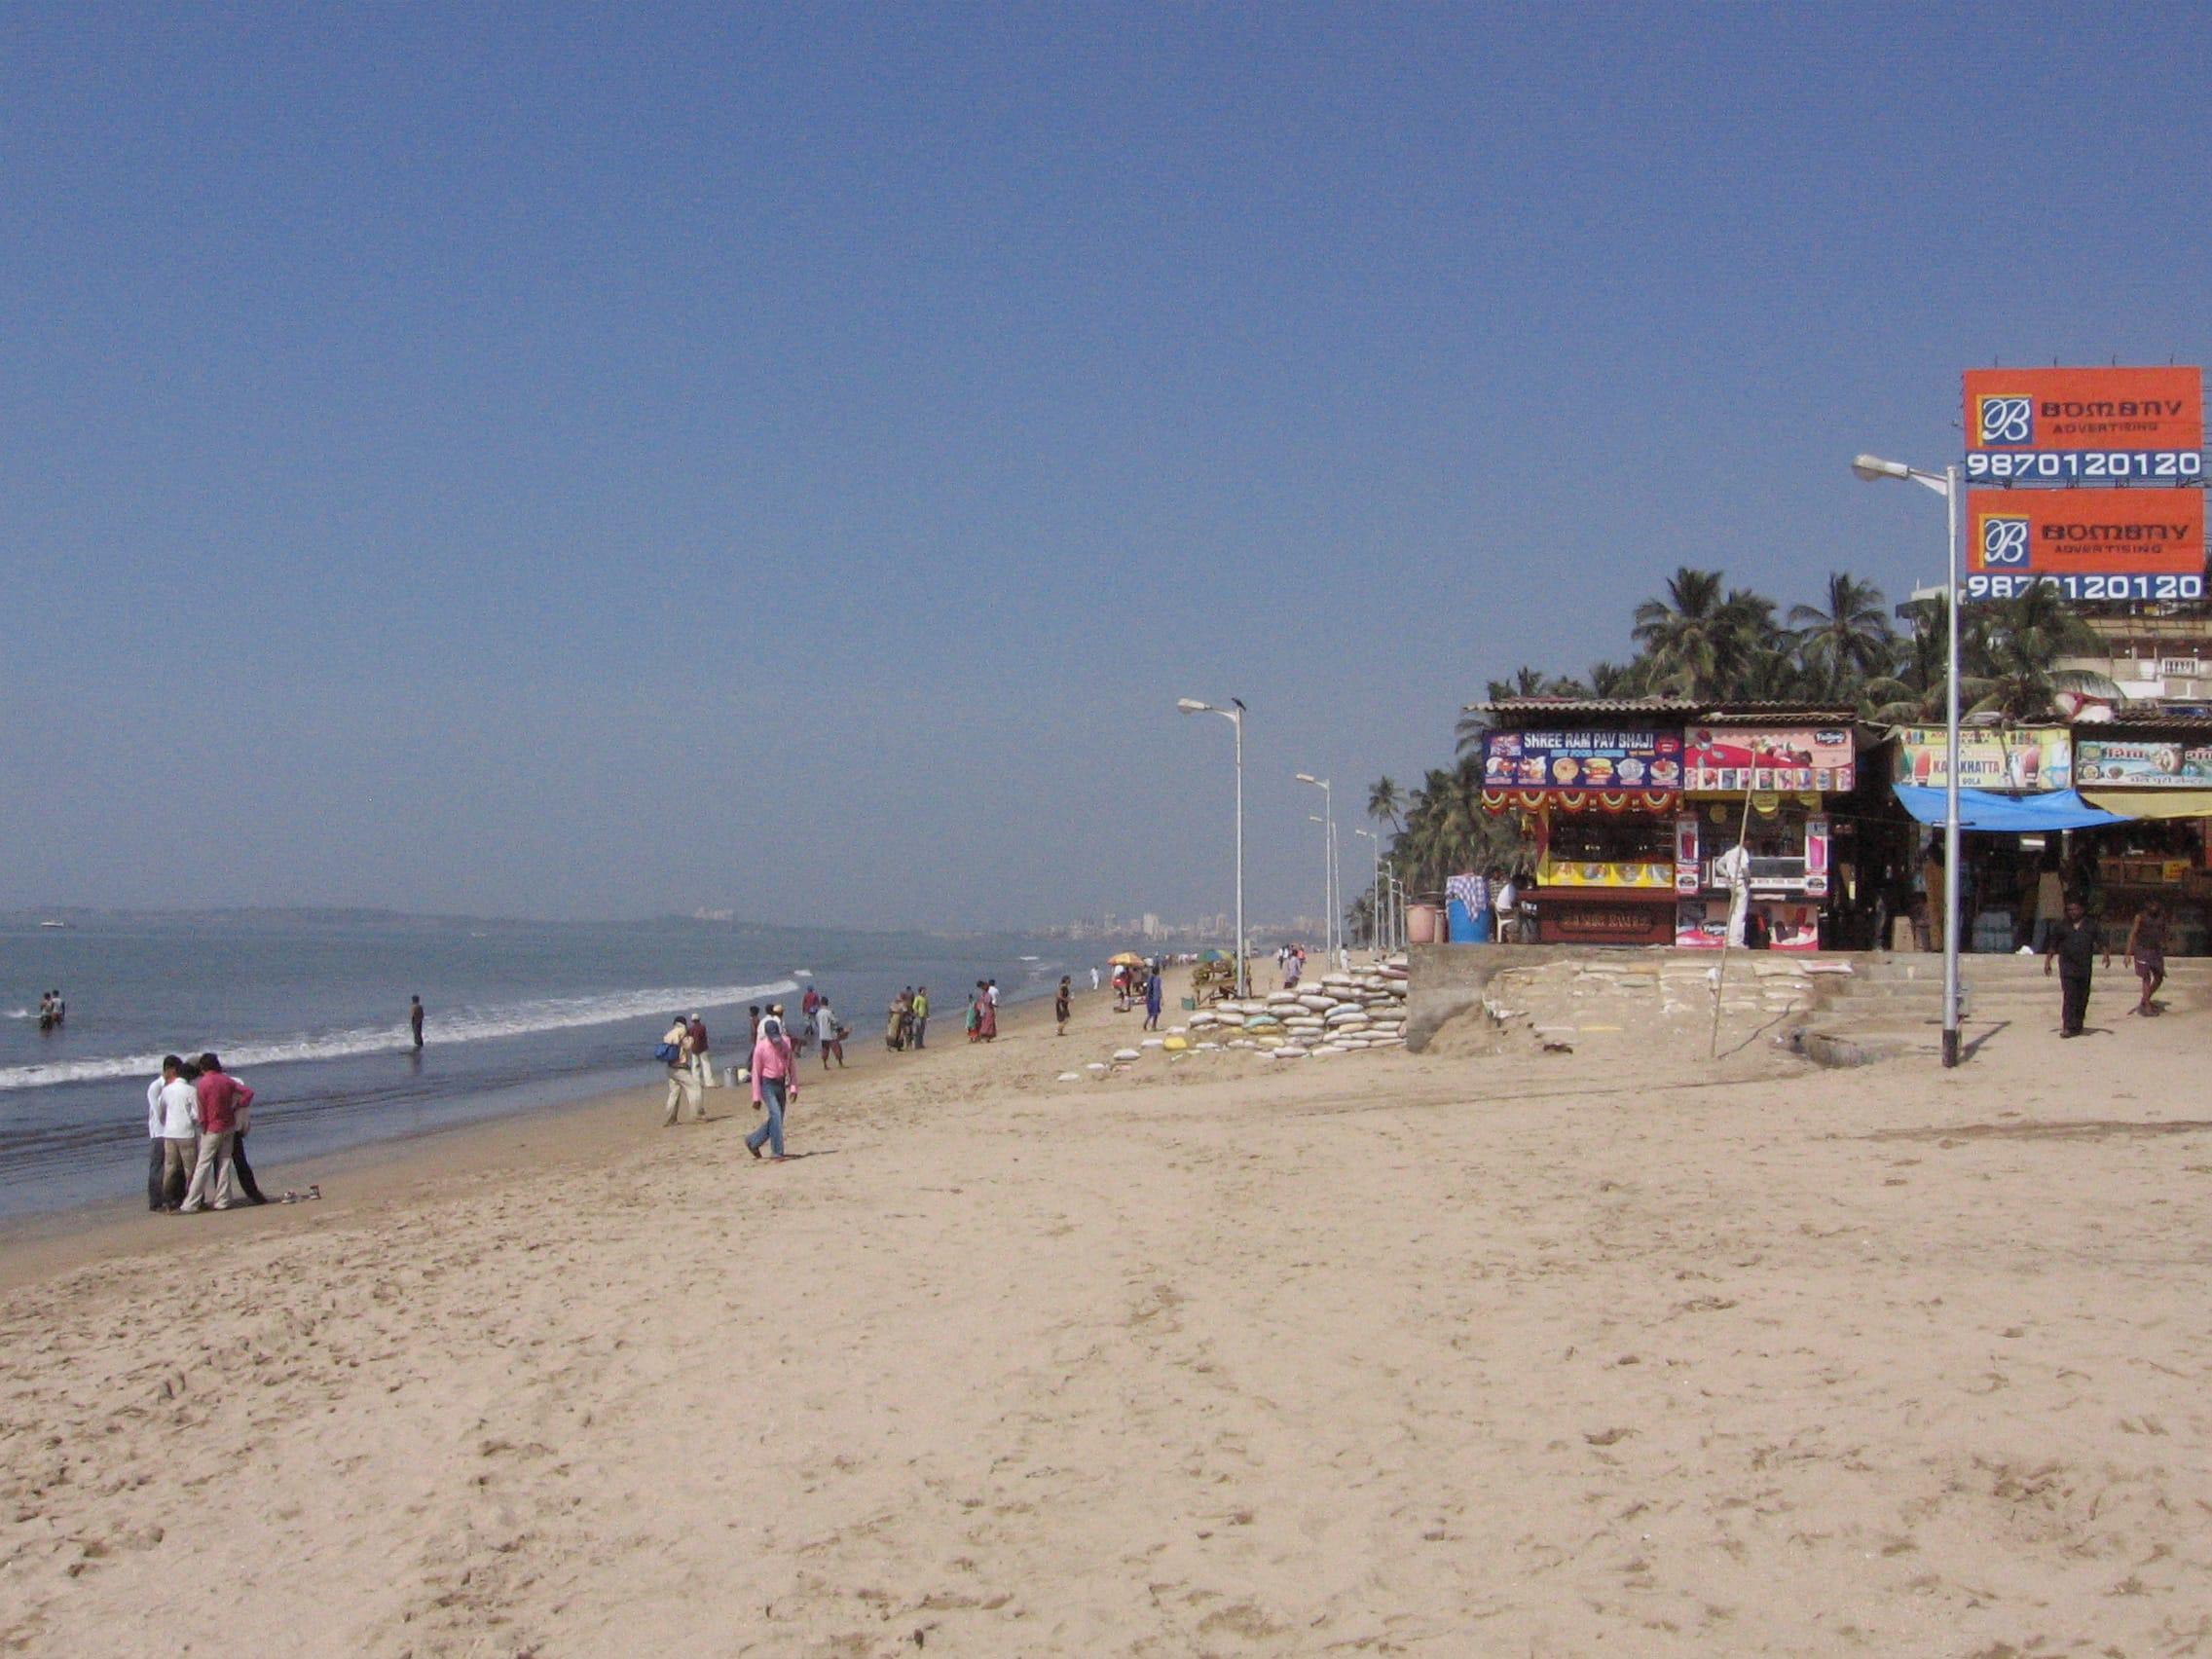 Juhu Beach, things to do in Mumbai, Mumbai travel guide, One day Mumbay itinerary